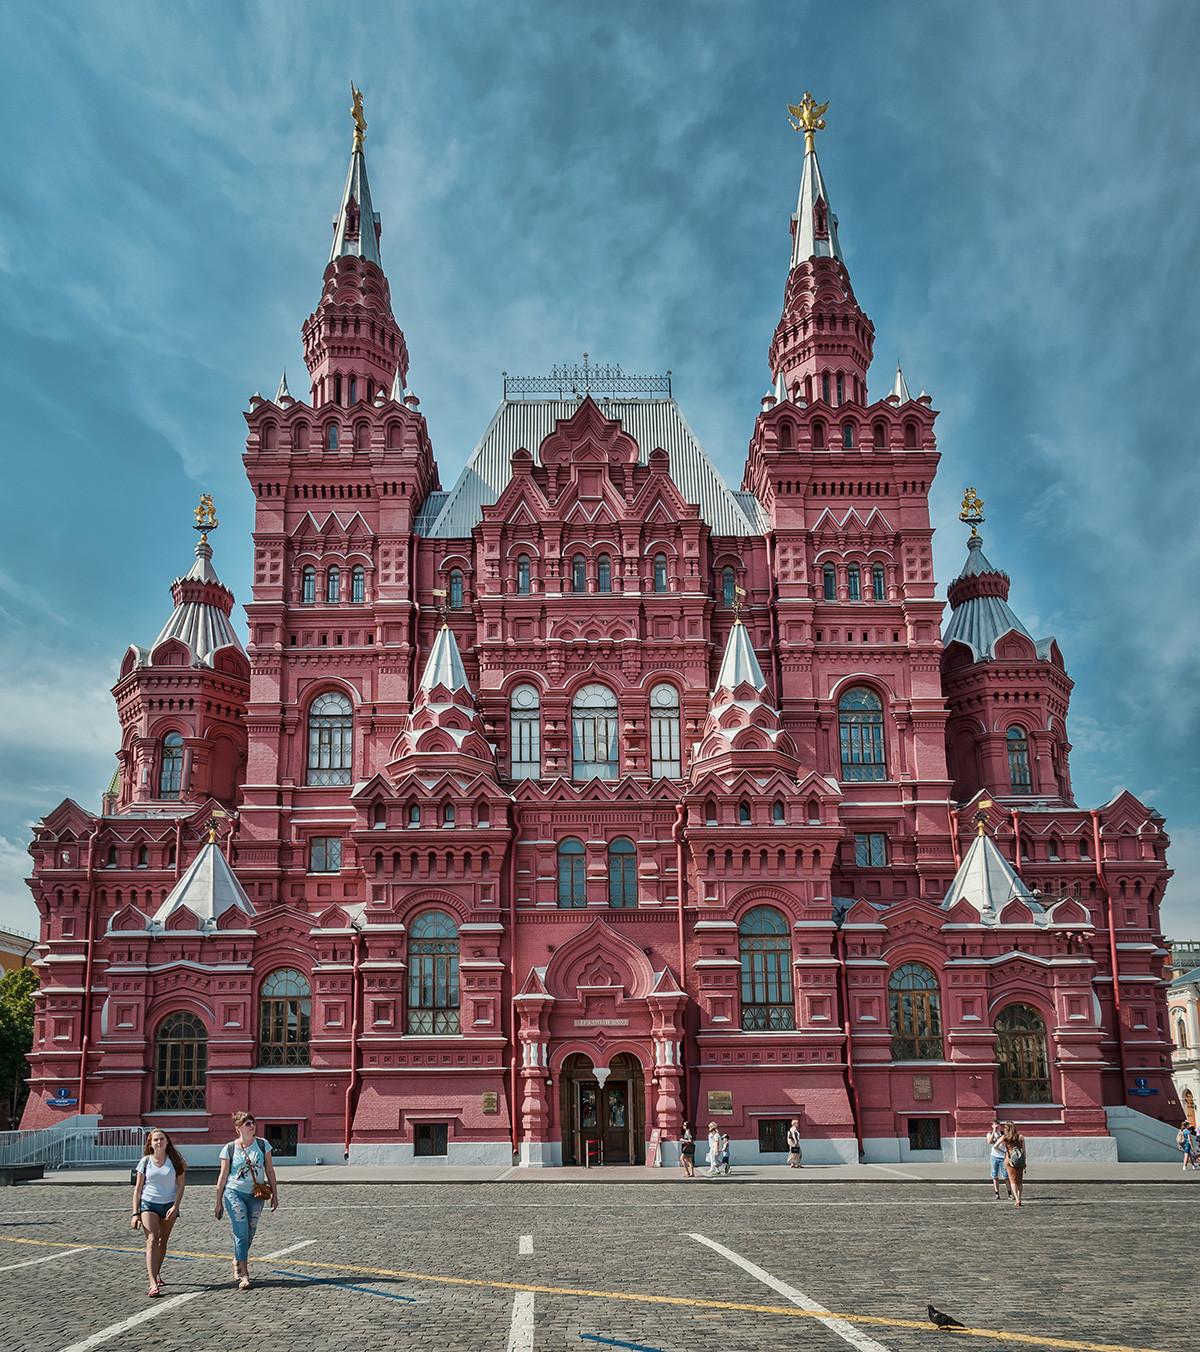 Musée historique d'État sur la place Rouge